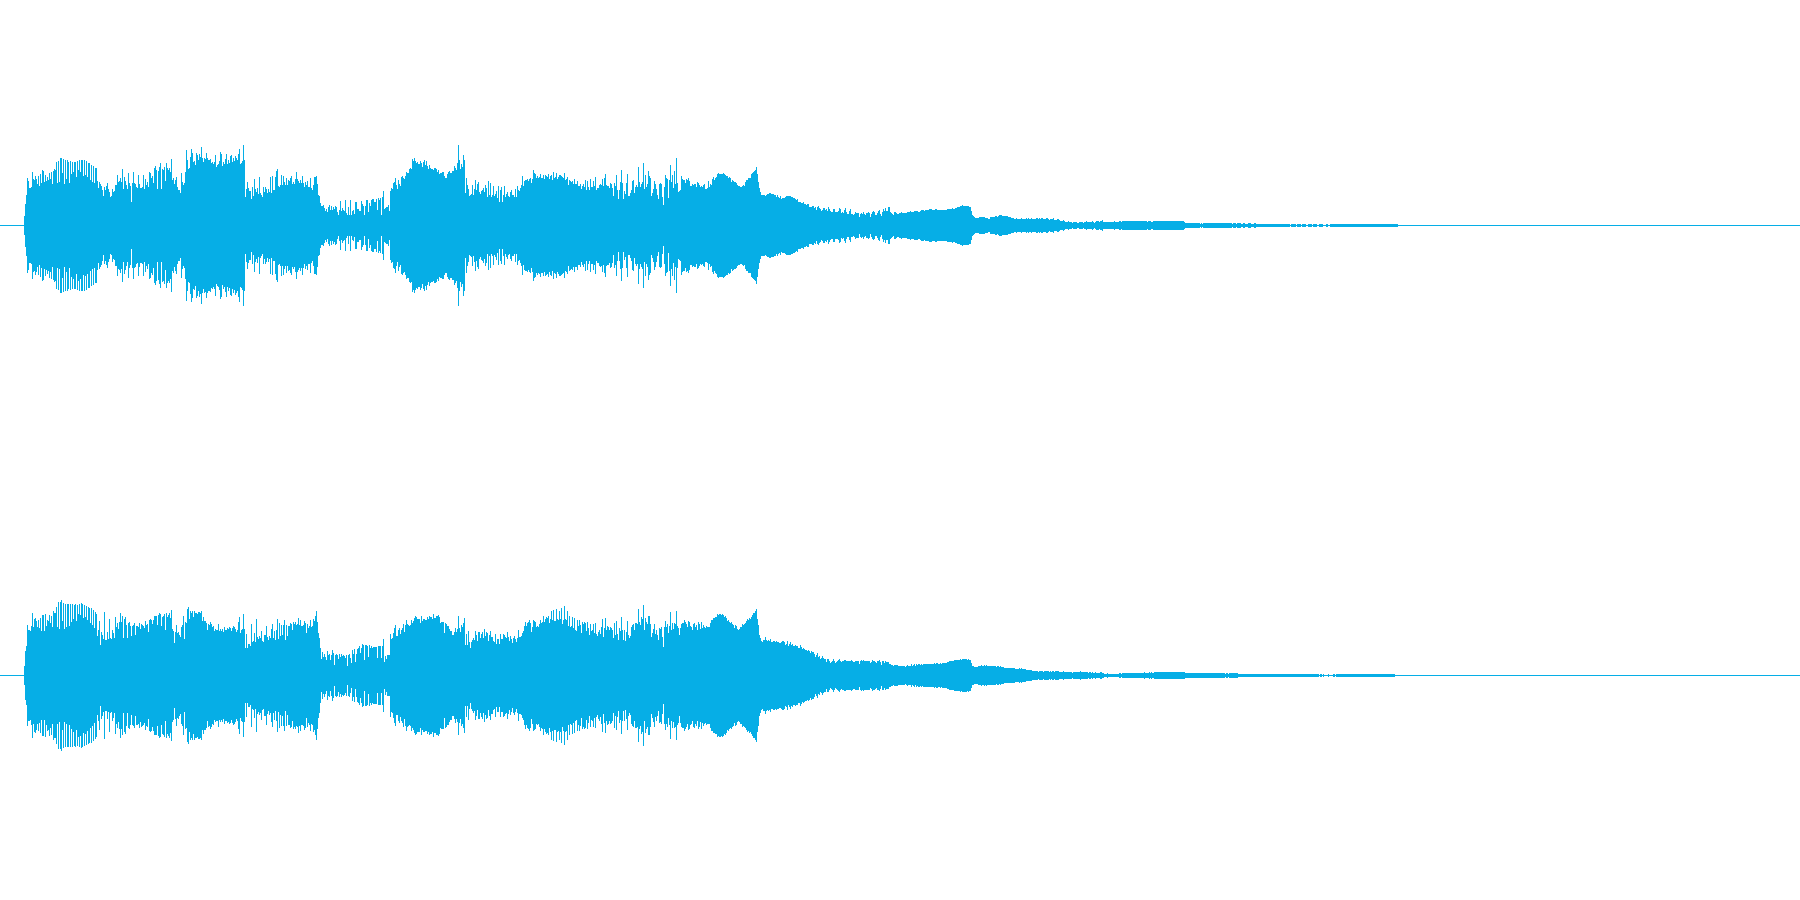 【フレーズ03-2】の再生済みの波形